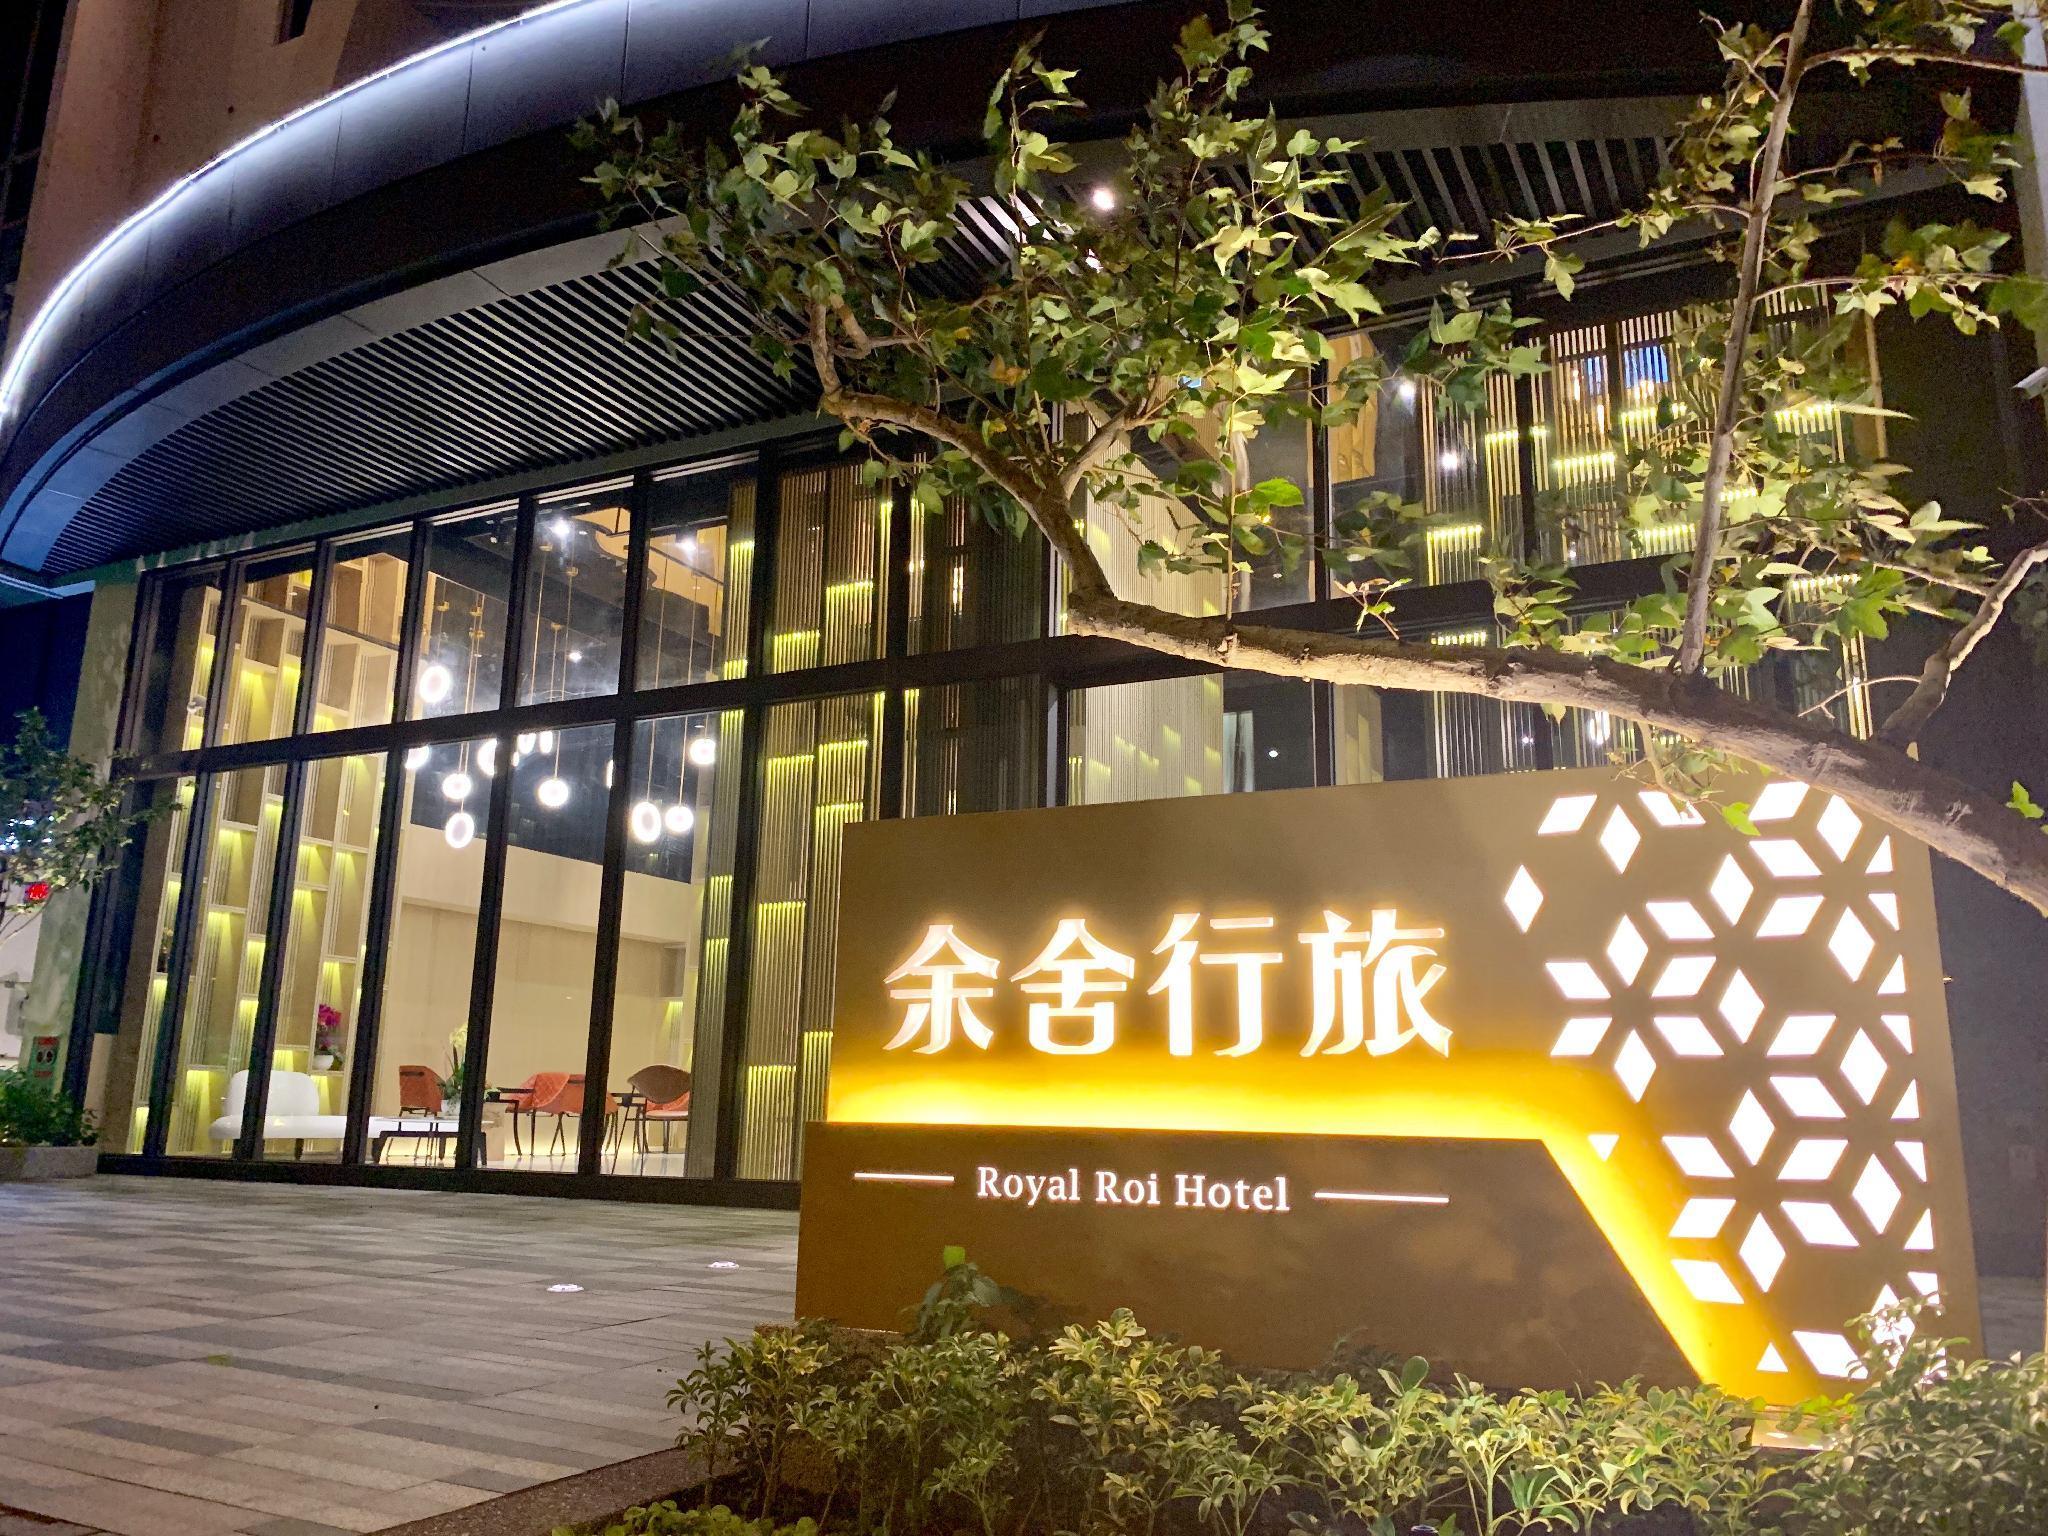 Royal Roi Hotel